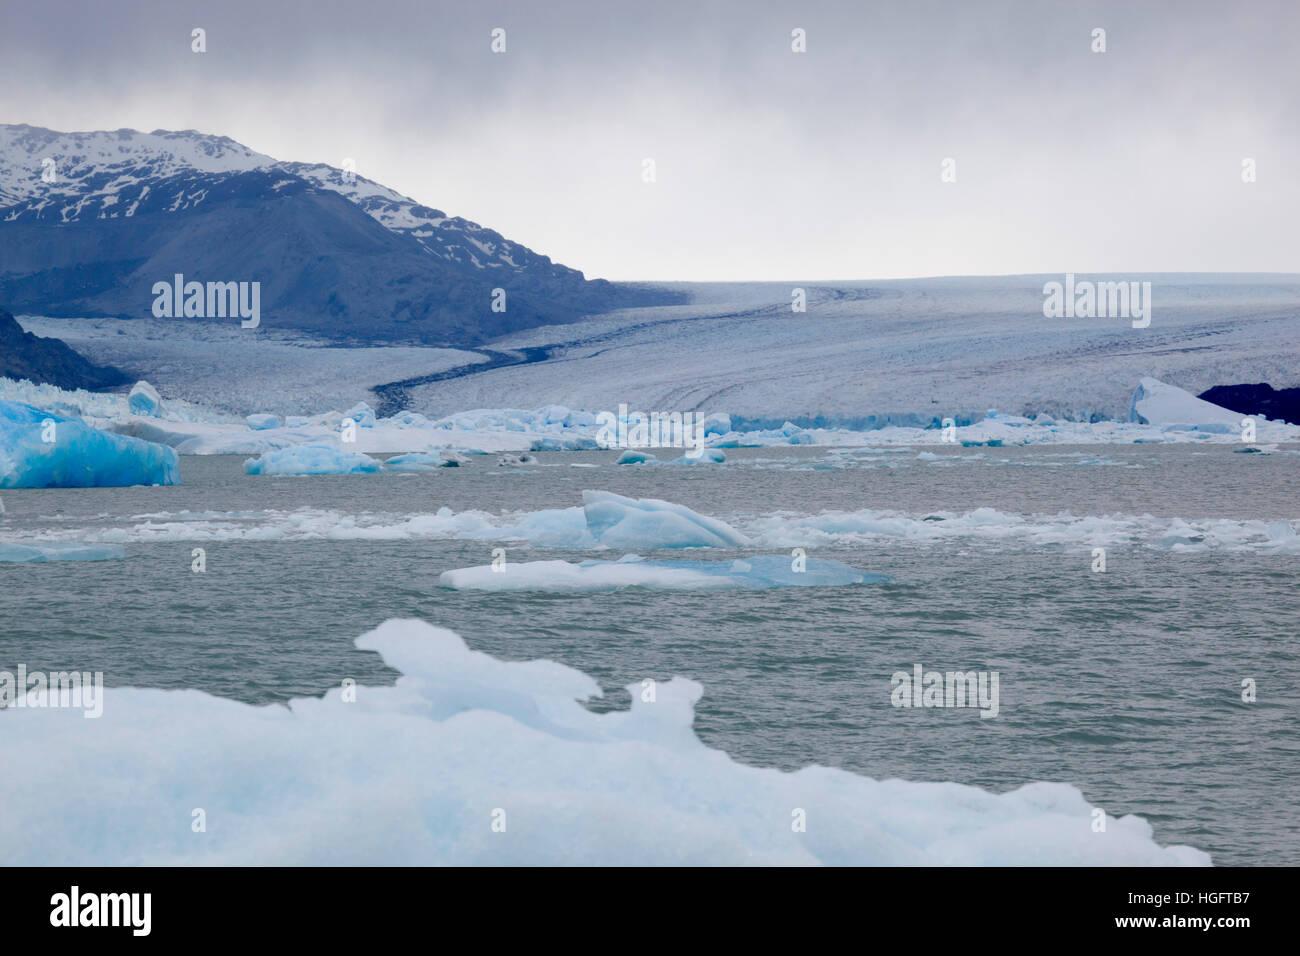 El Glaciar Upsala y los icebergs en el Lago Argentino, El Calafate, Parque Nacional Los Glaciares, Patagonia Argentina, Imagen De Stock